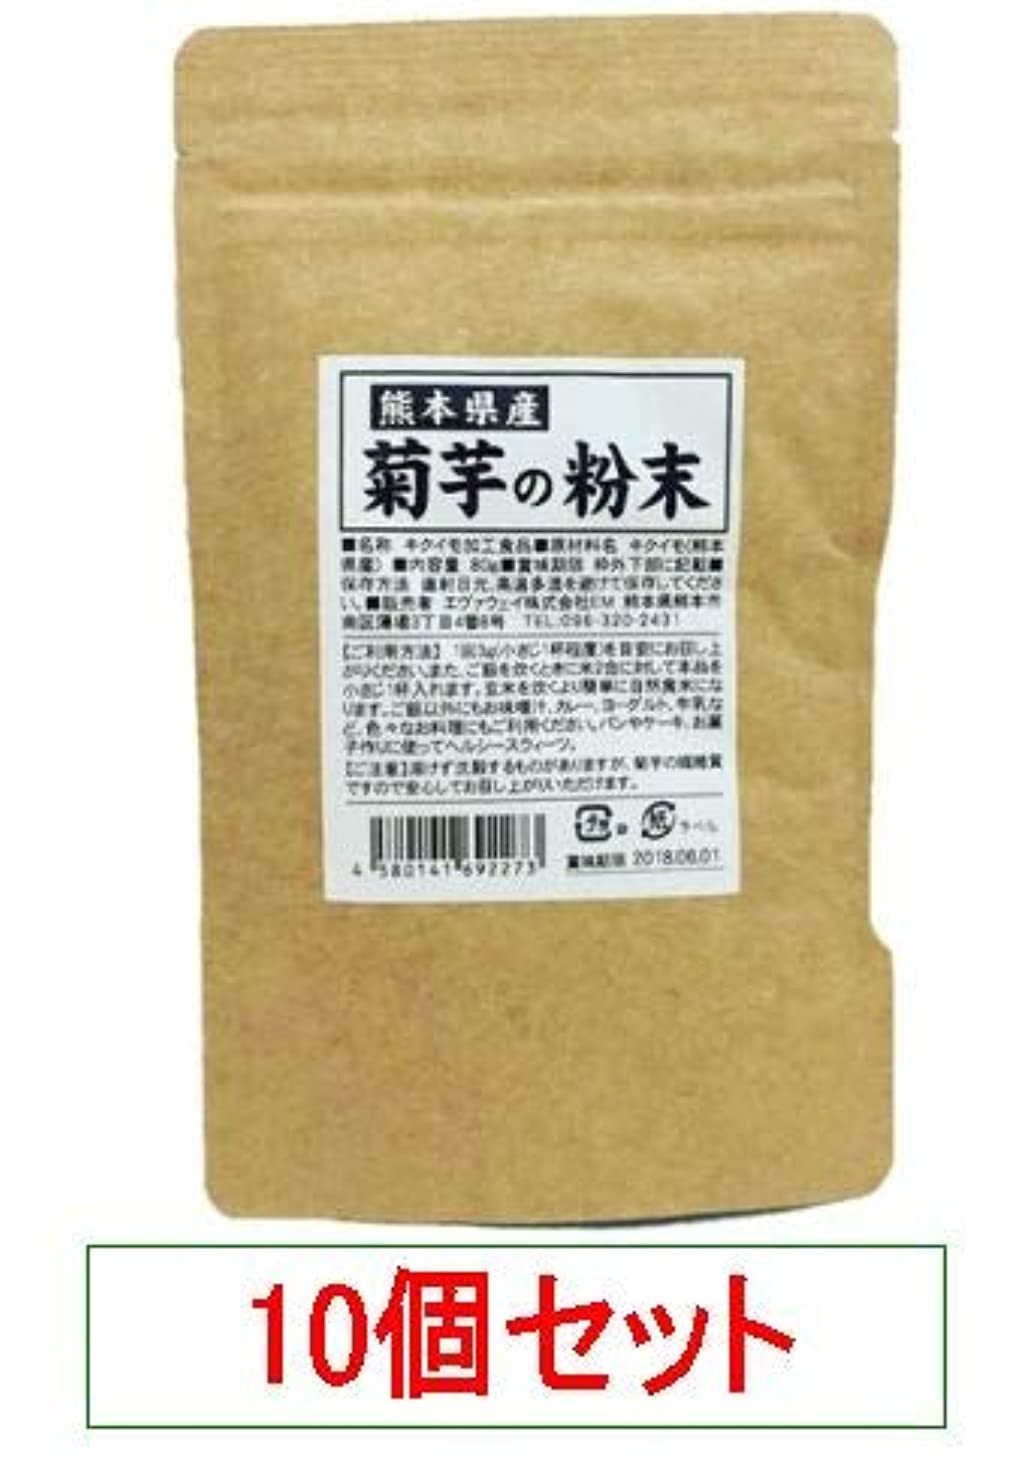 背が高い雑草誇大妄想熊本県産 菊芋の粉末 エヴァウェイ 80gX10個セット